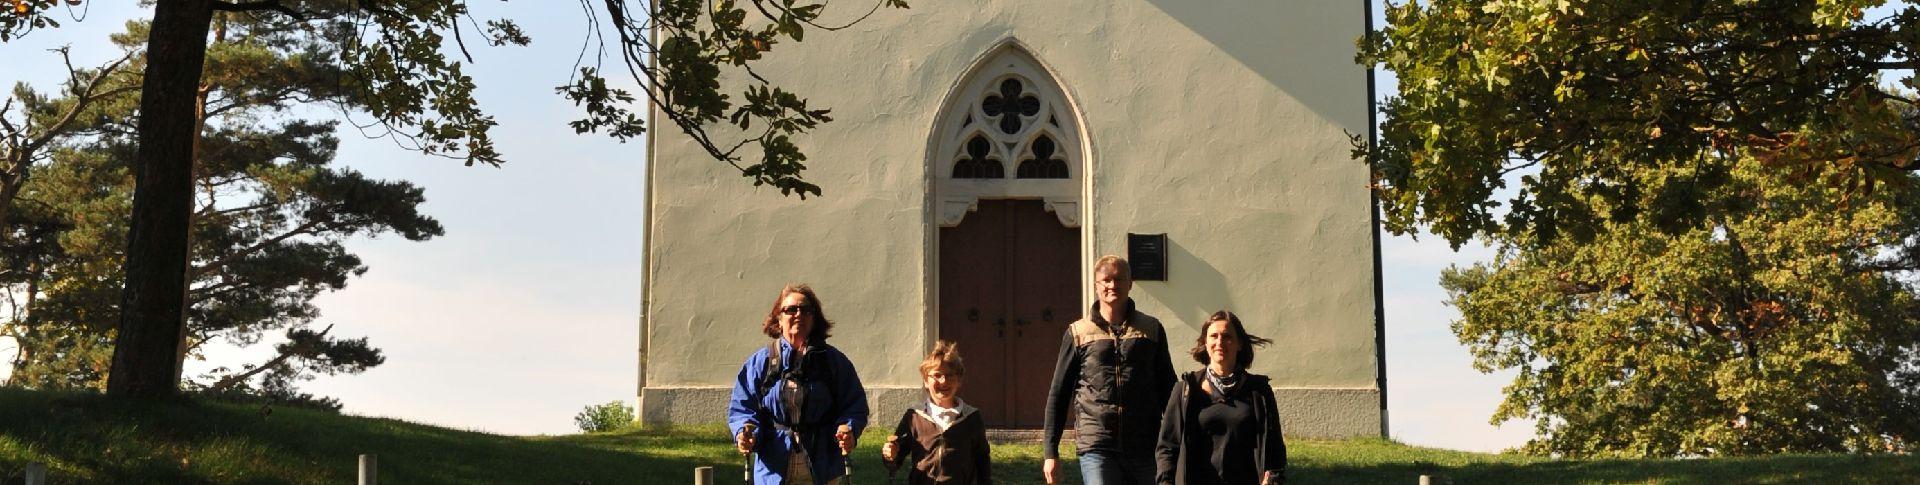 Auf nach Sulzbürg - Wanderwege um Freystadt